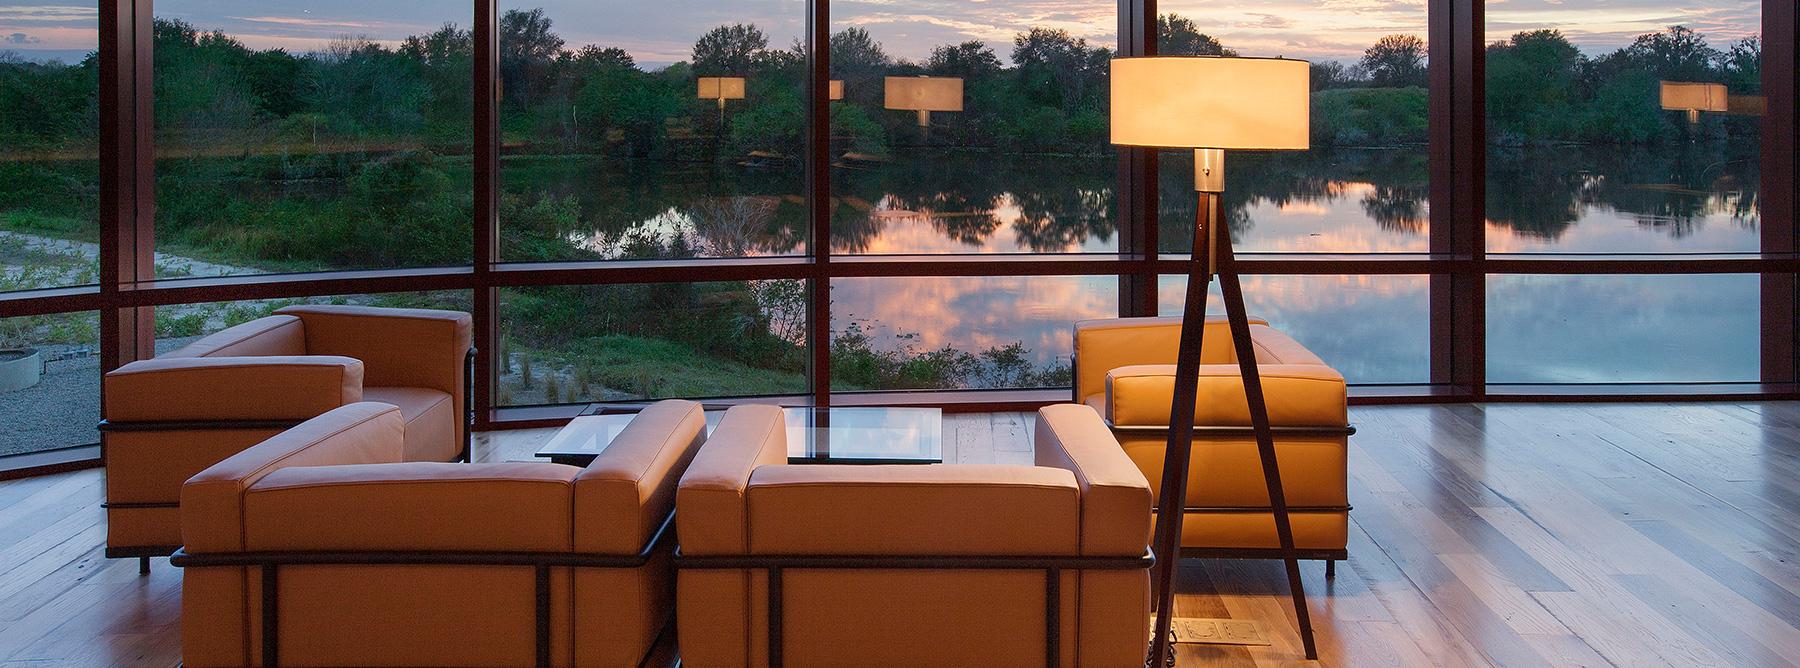 Resort-Faciliteis-Header.jpg